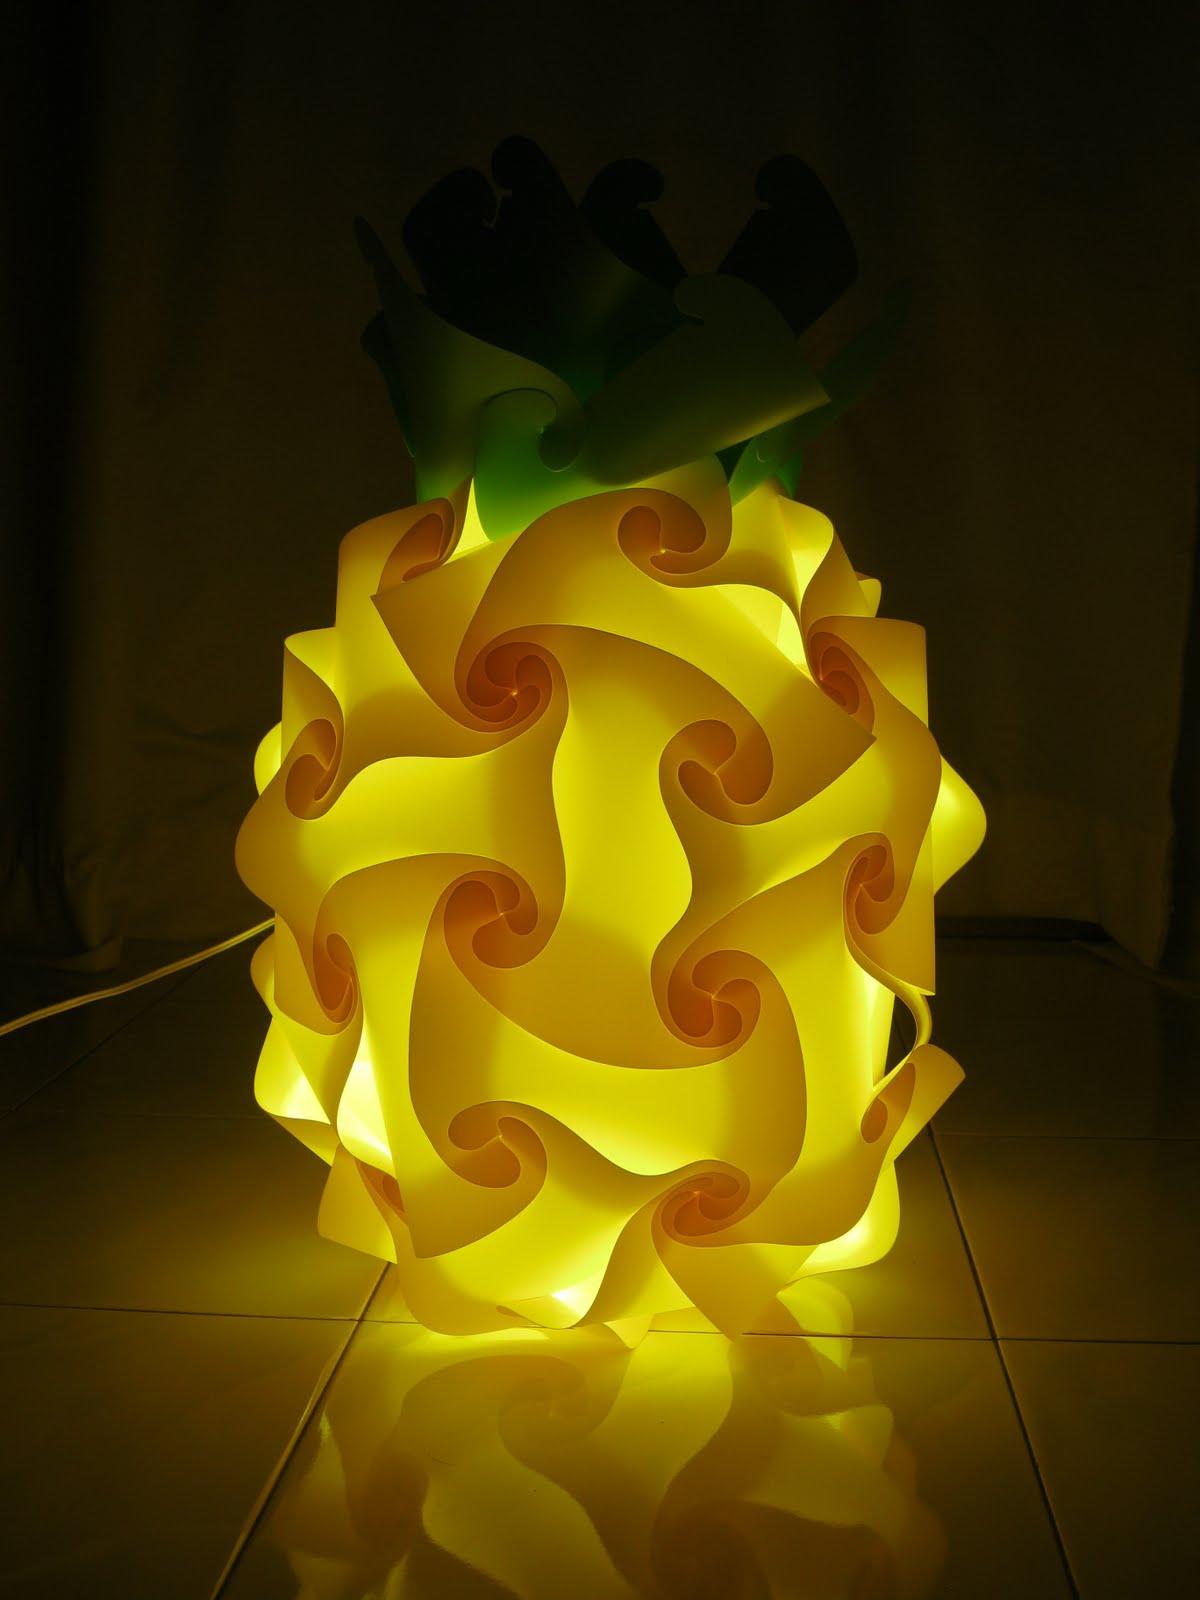 Vlightdeco Iq Light Puzzle Pendant Jigsaw Lamp Styles Iq